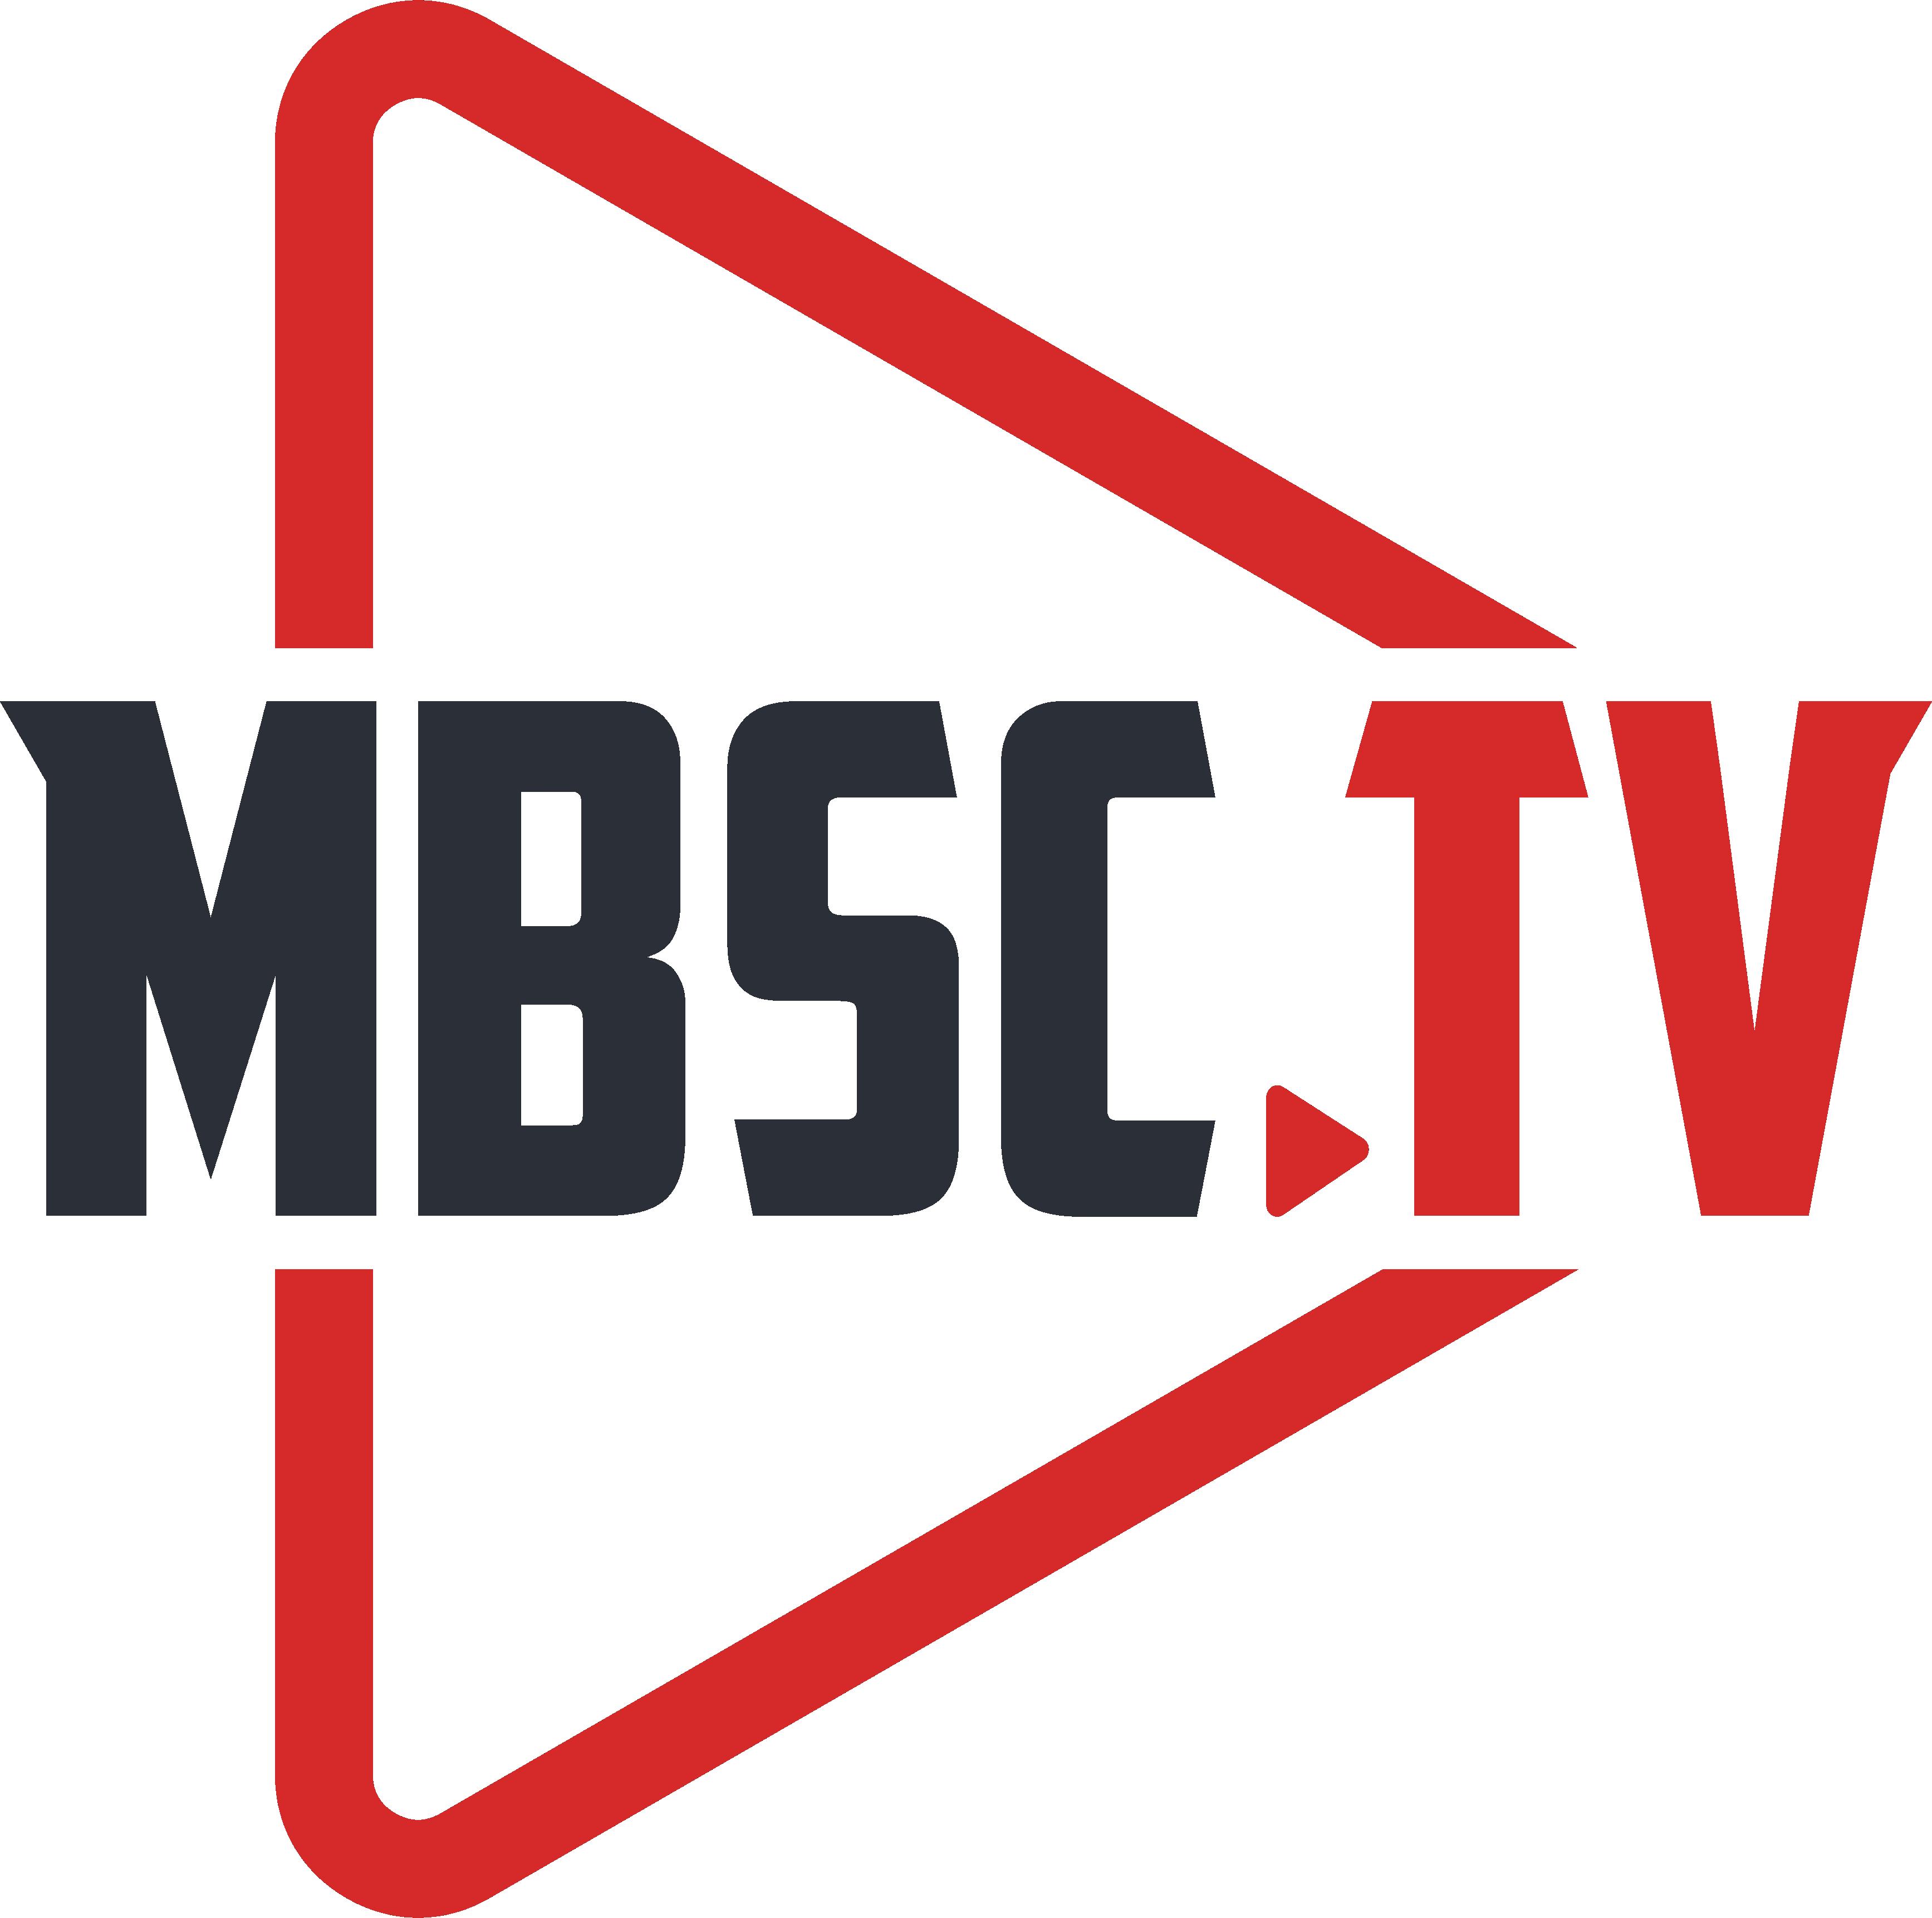 MBSC.tv logo